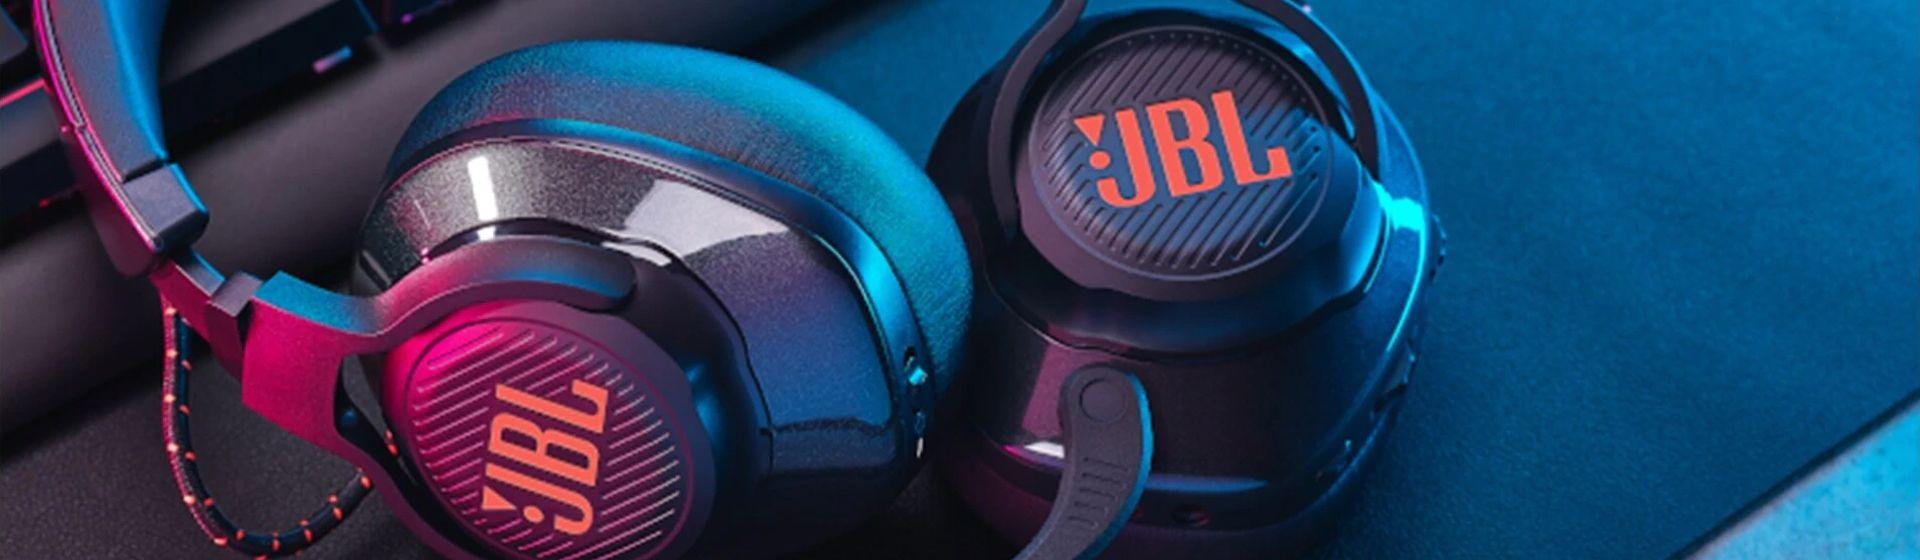 JBL lança linha de headsets gamer Quantum no Brasil; veja preços